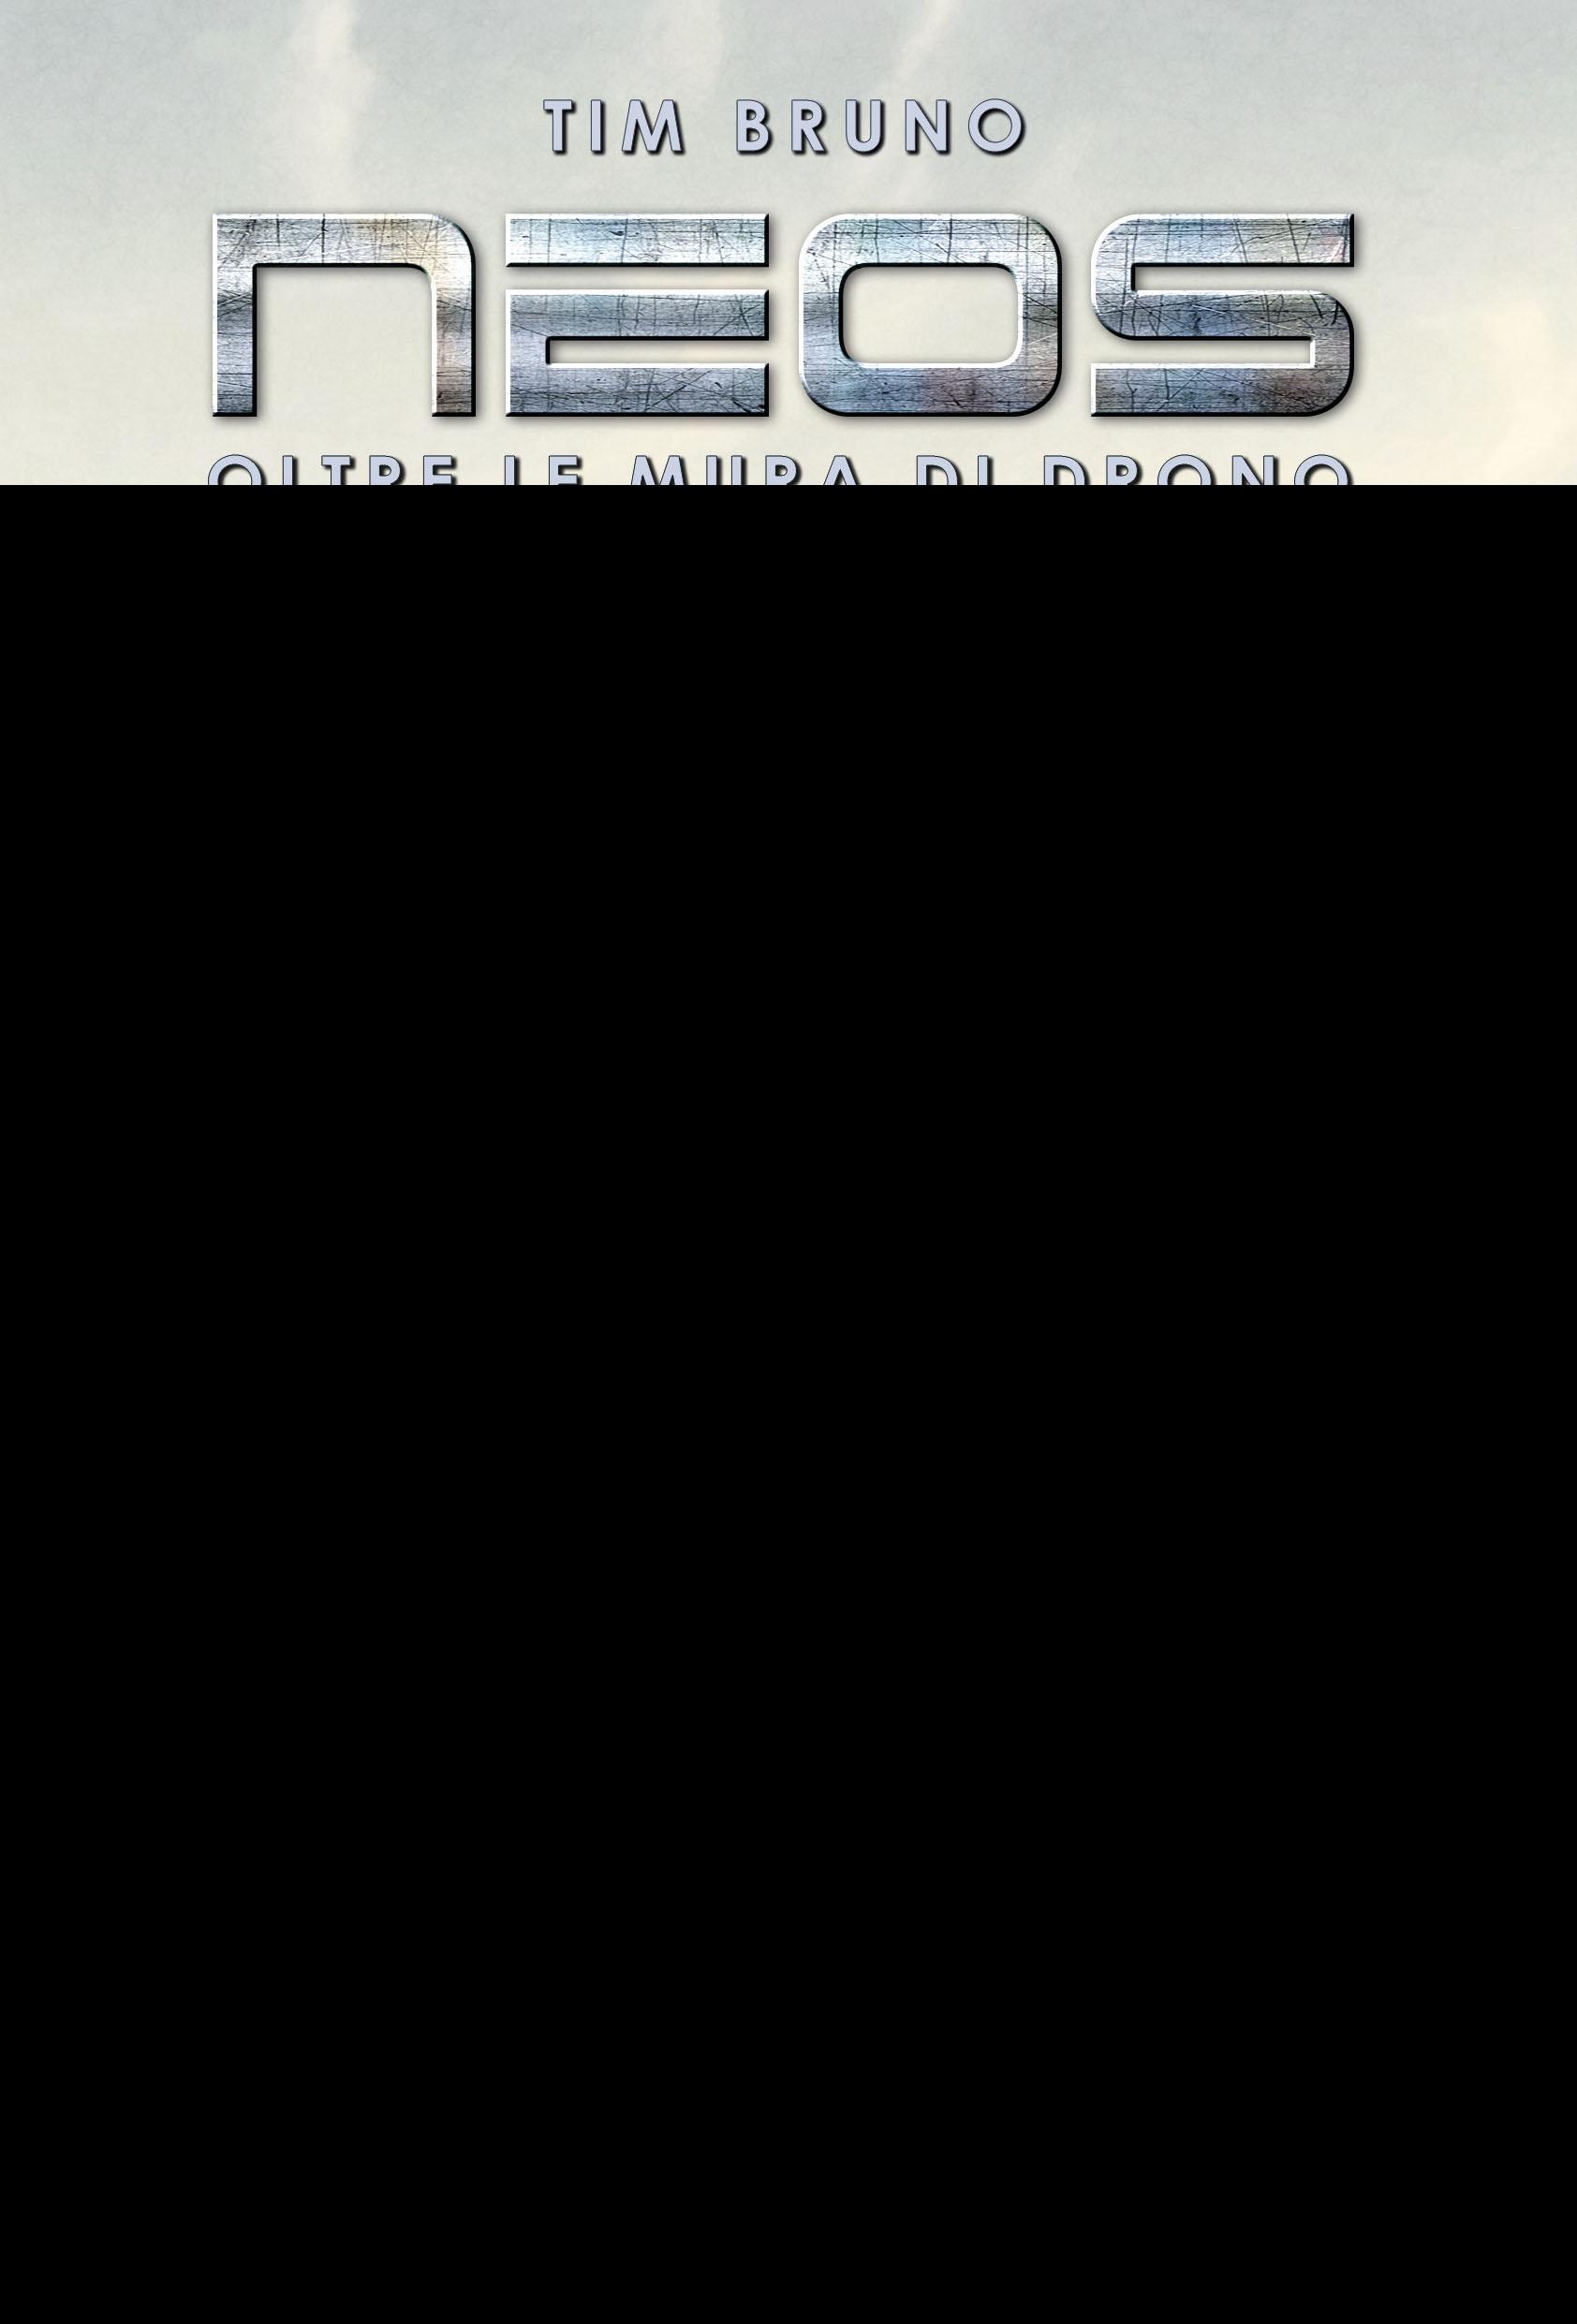 Tim Bruno Oltre le mura di Drono. Neos ISBN:9788869189500